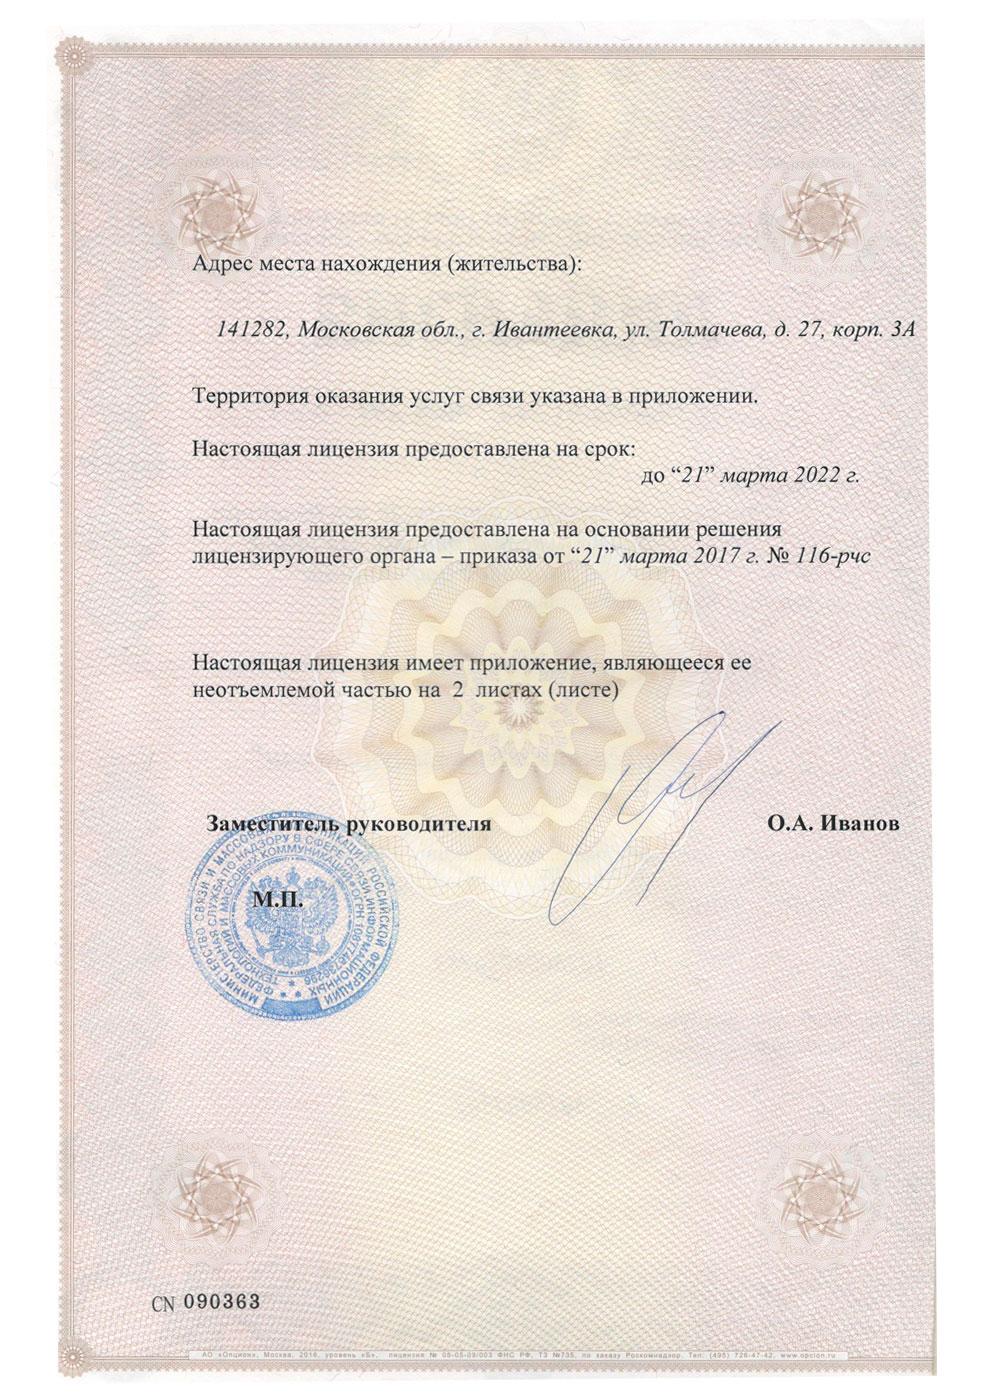 Лицензия на передачу данных 2017